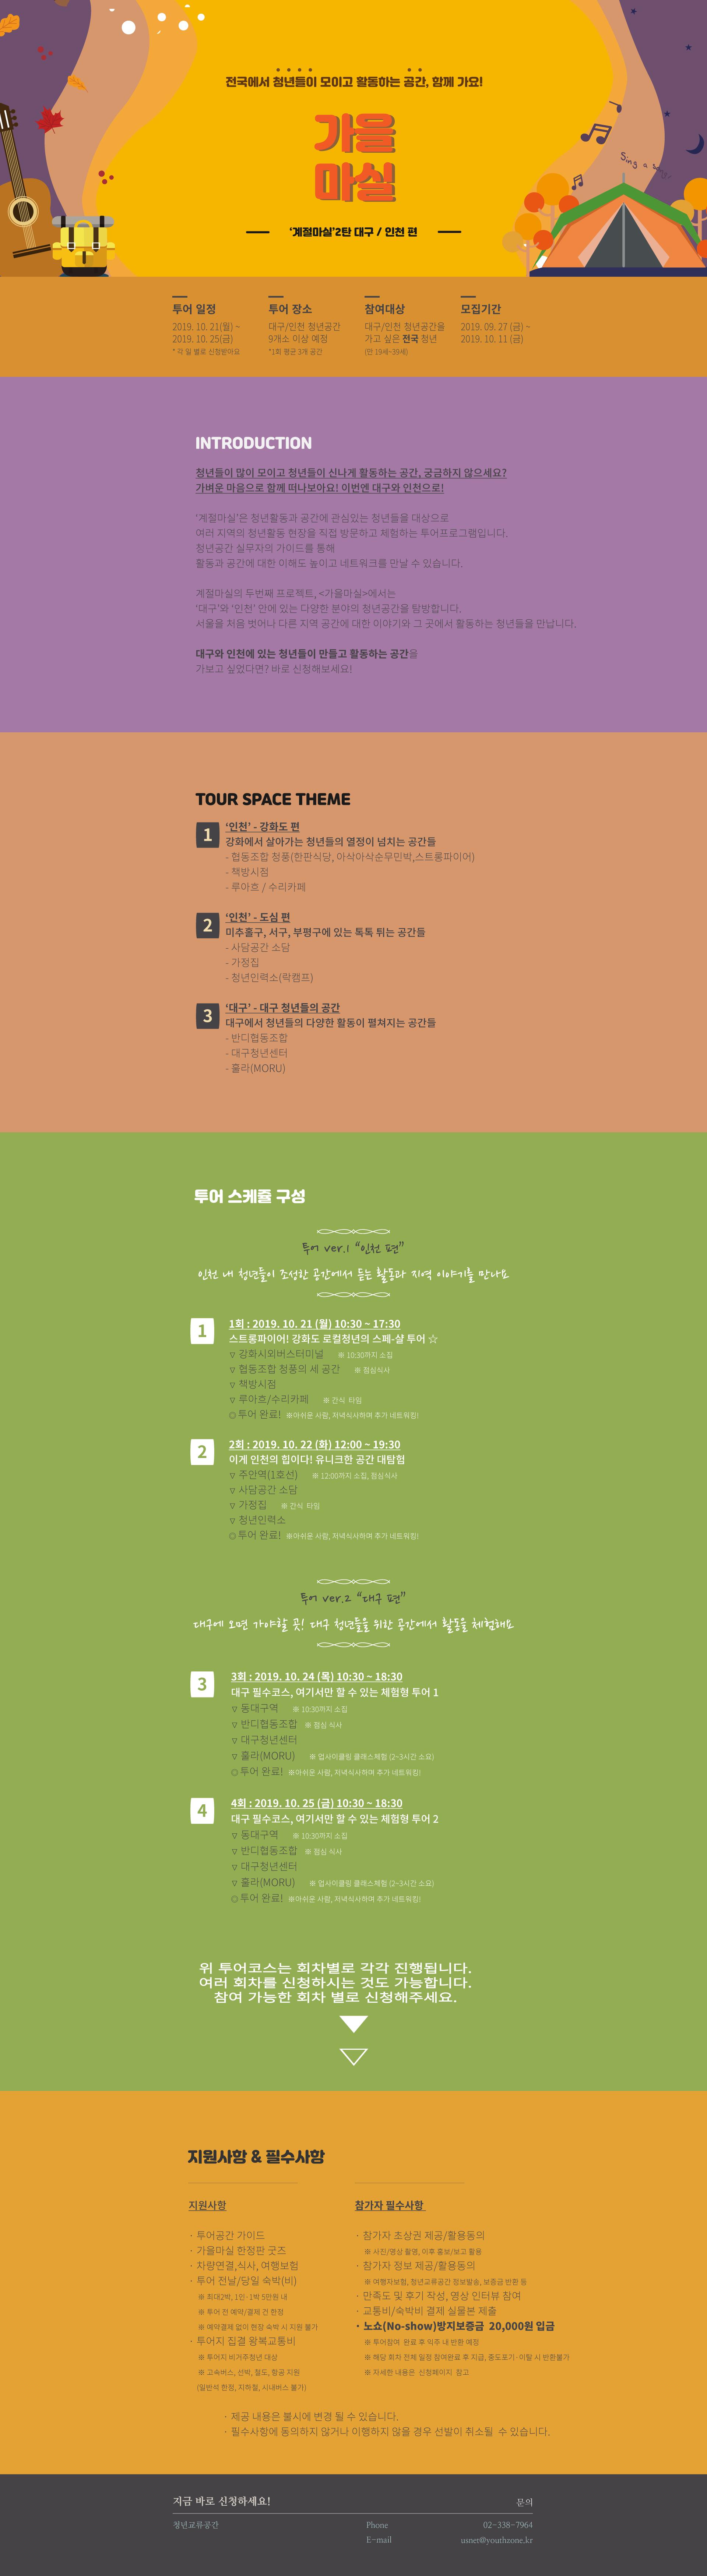 [계절마실 2탄] 청년교류공간 '가을마실 - 대구/인천 청년공간 투어'